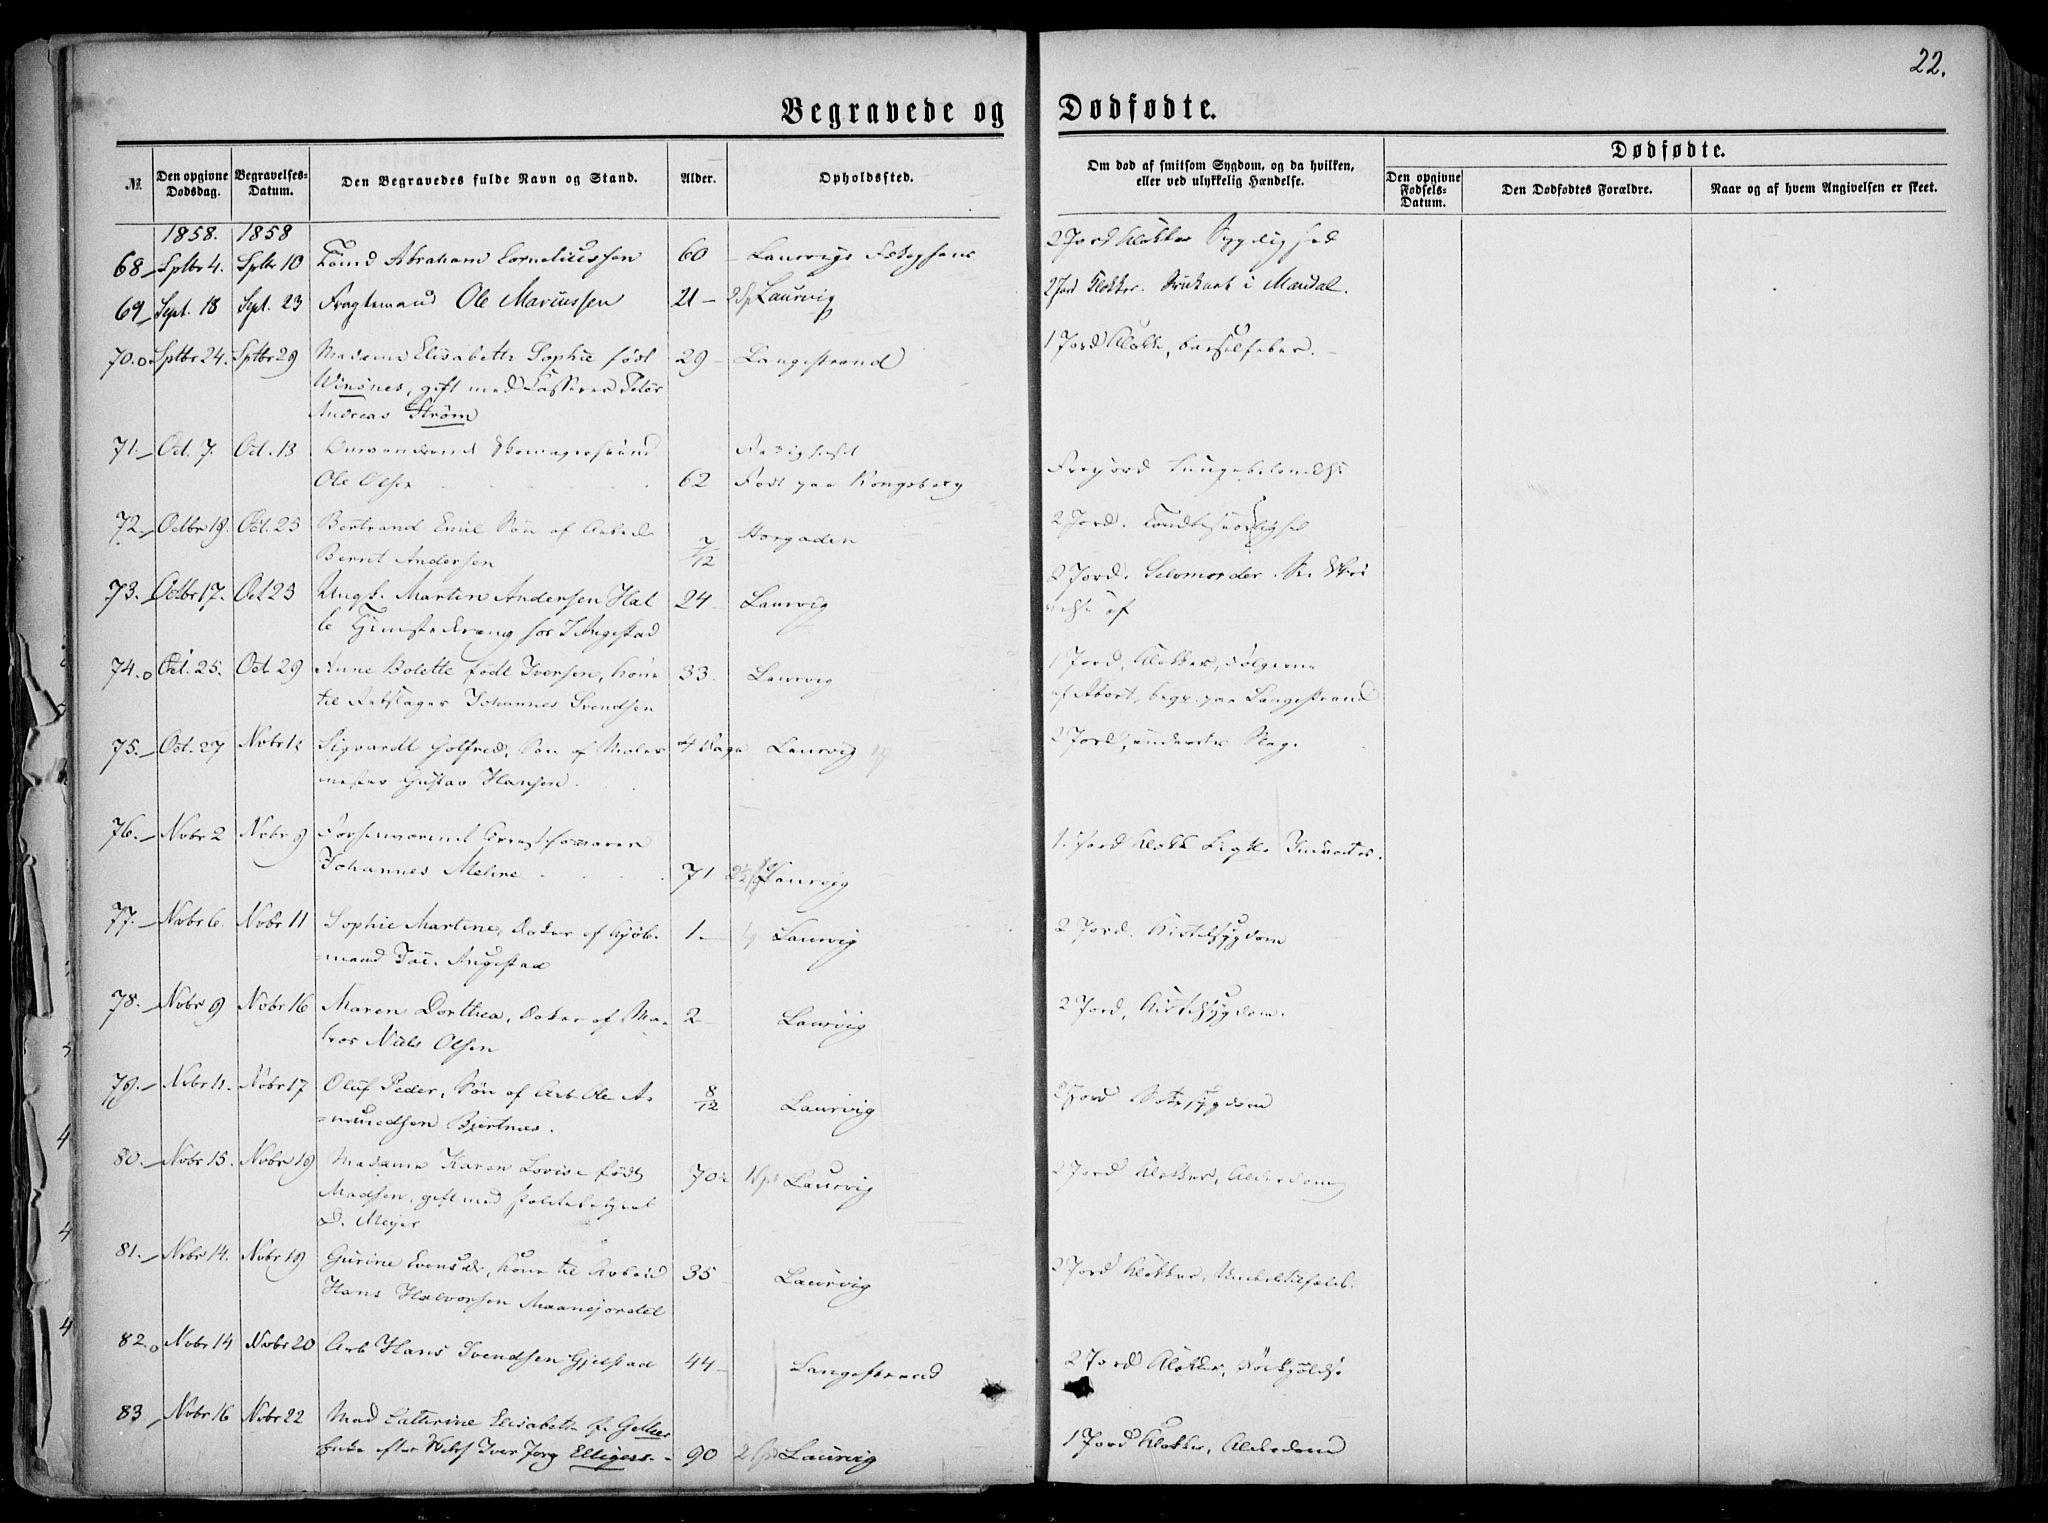 SAKO, Larvik kirkebøker, F/Fa/L0005: Parish register (official) no. I 5, 1856-1870, p. 22